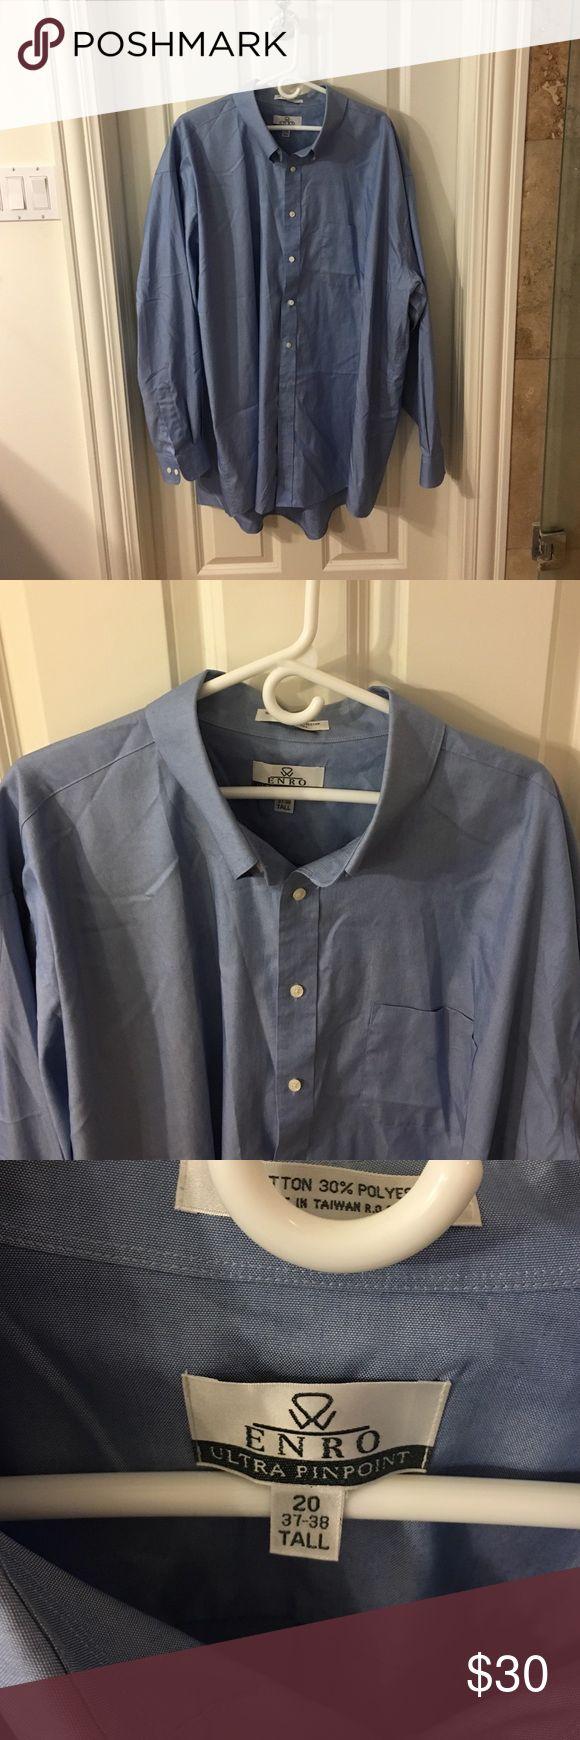 Men's light blue dress shirt, tall Men's button up dress shirt enro Shirts Dress Shirts